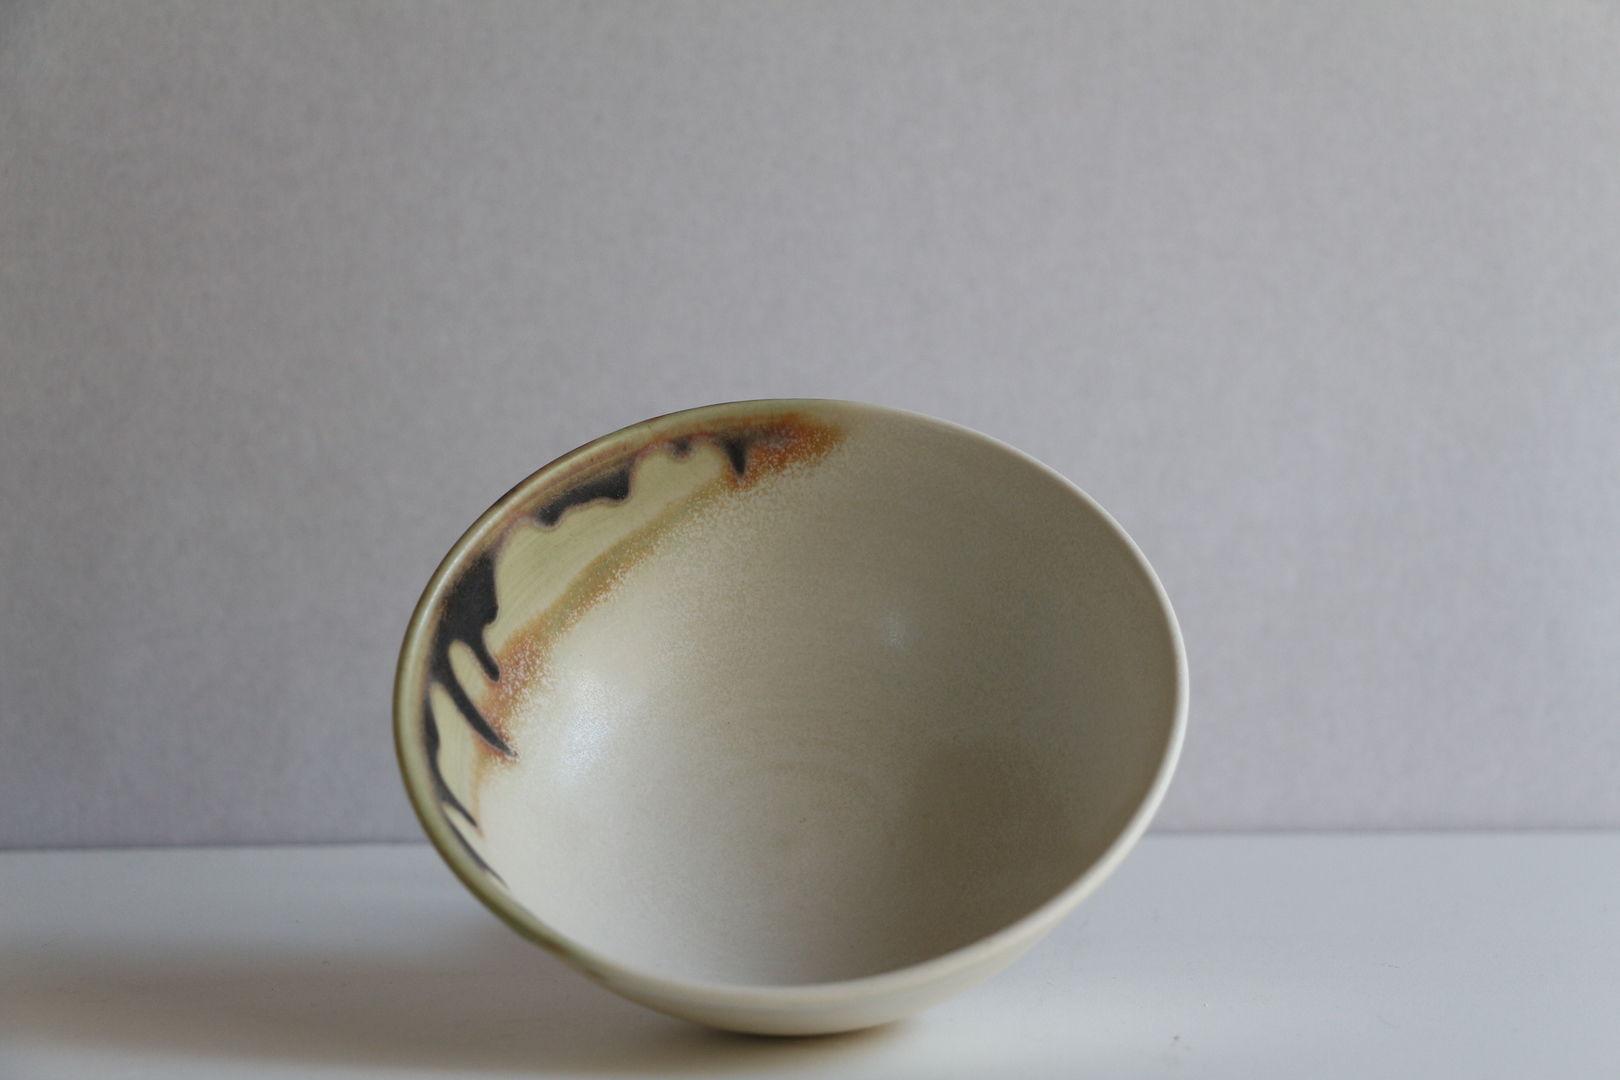 Bowl by Elke Lucas